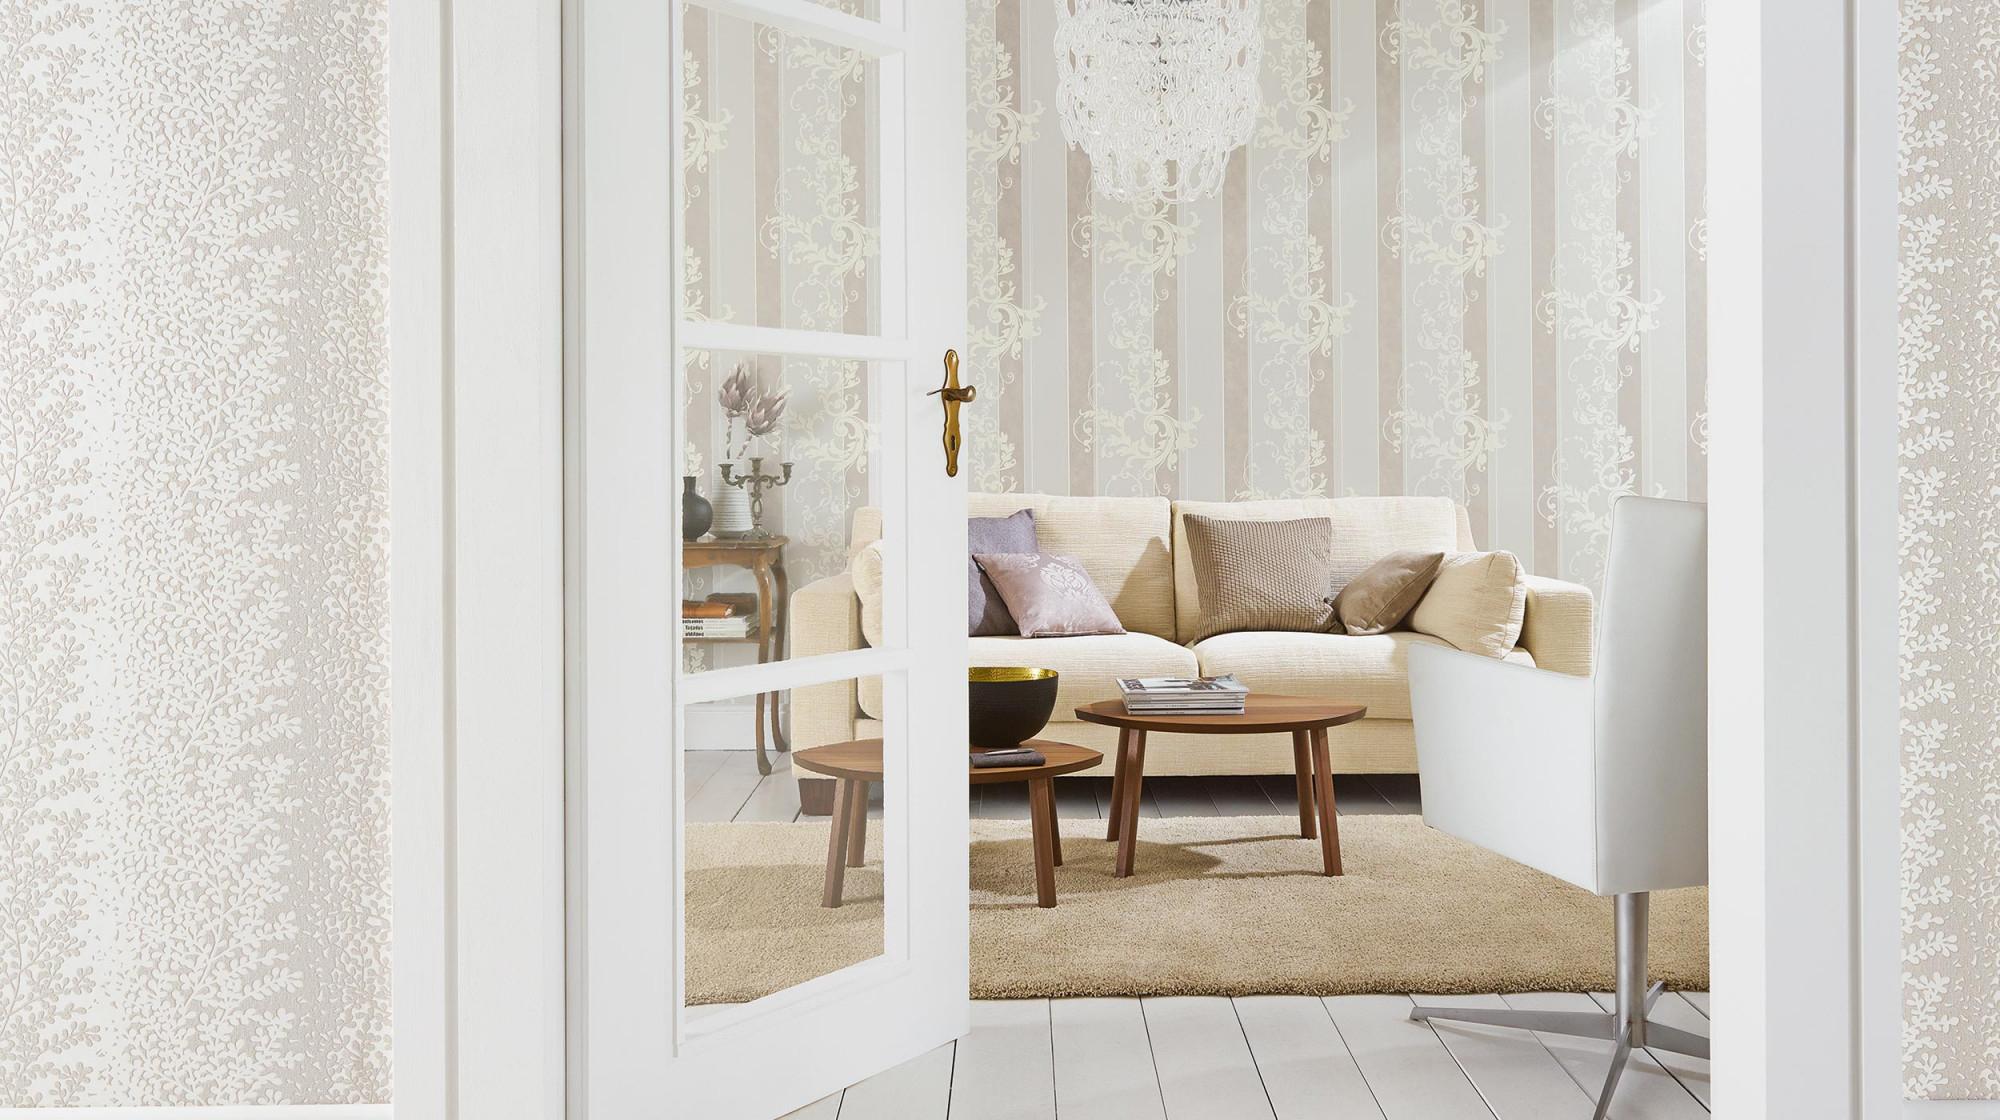 Tapetenmodernkollektionmyself (8)  Erismann  Cie Gmbh von Wohnzimmer Tapeten Modern Bild